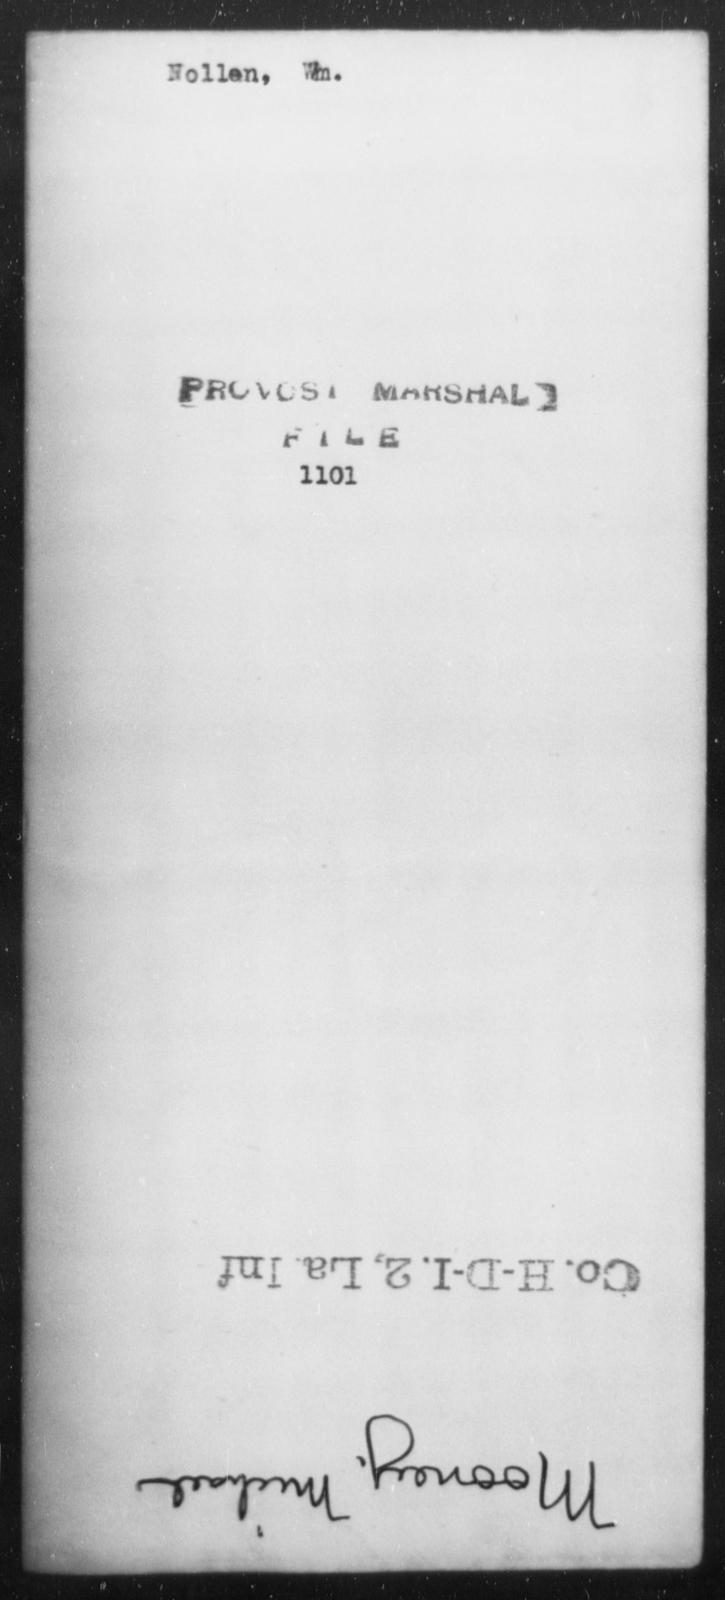 Nollen, Wm - State: [Blank] - Year: [Blank]